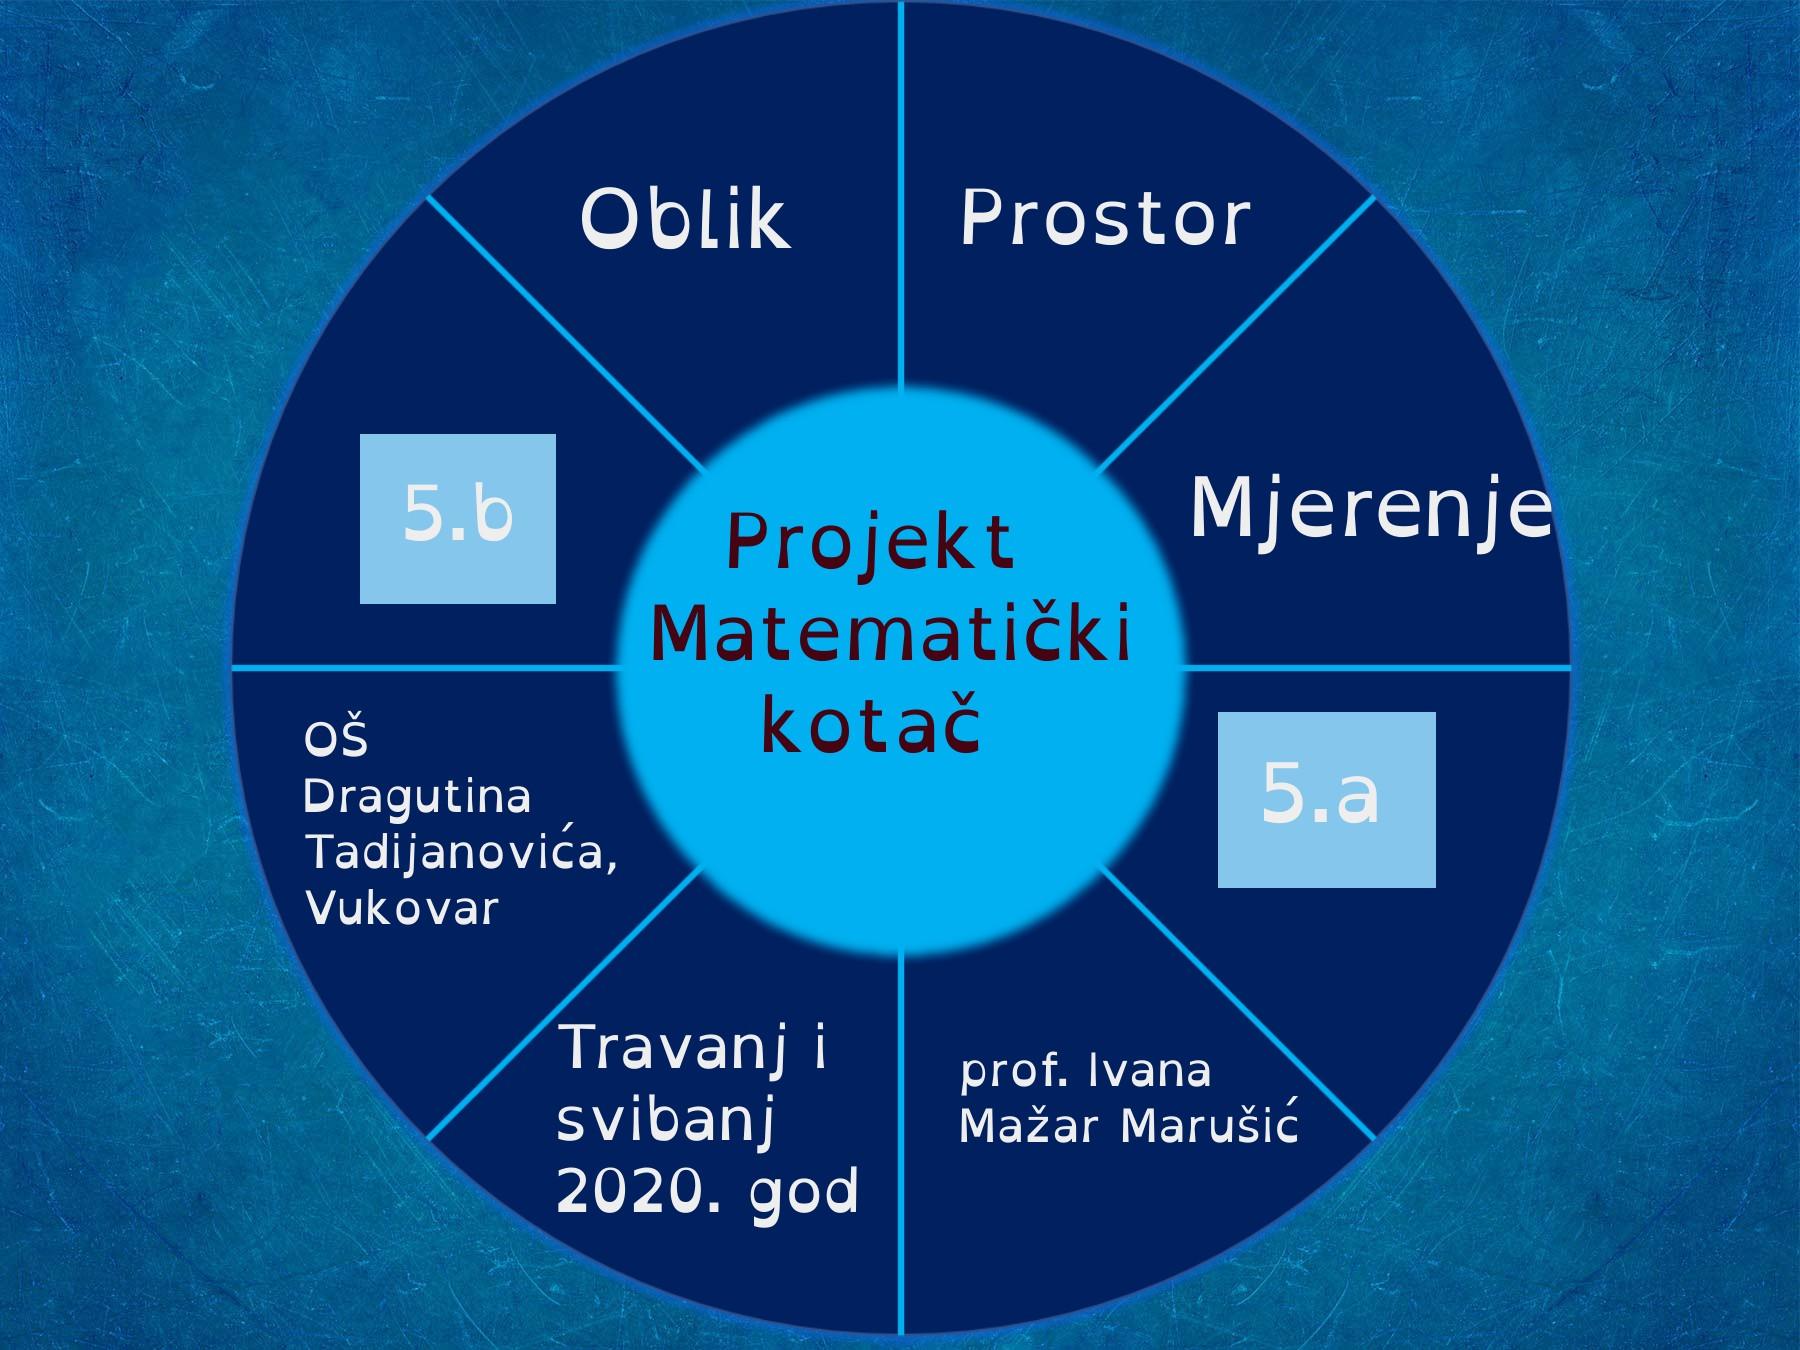 Matematički kotač